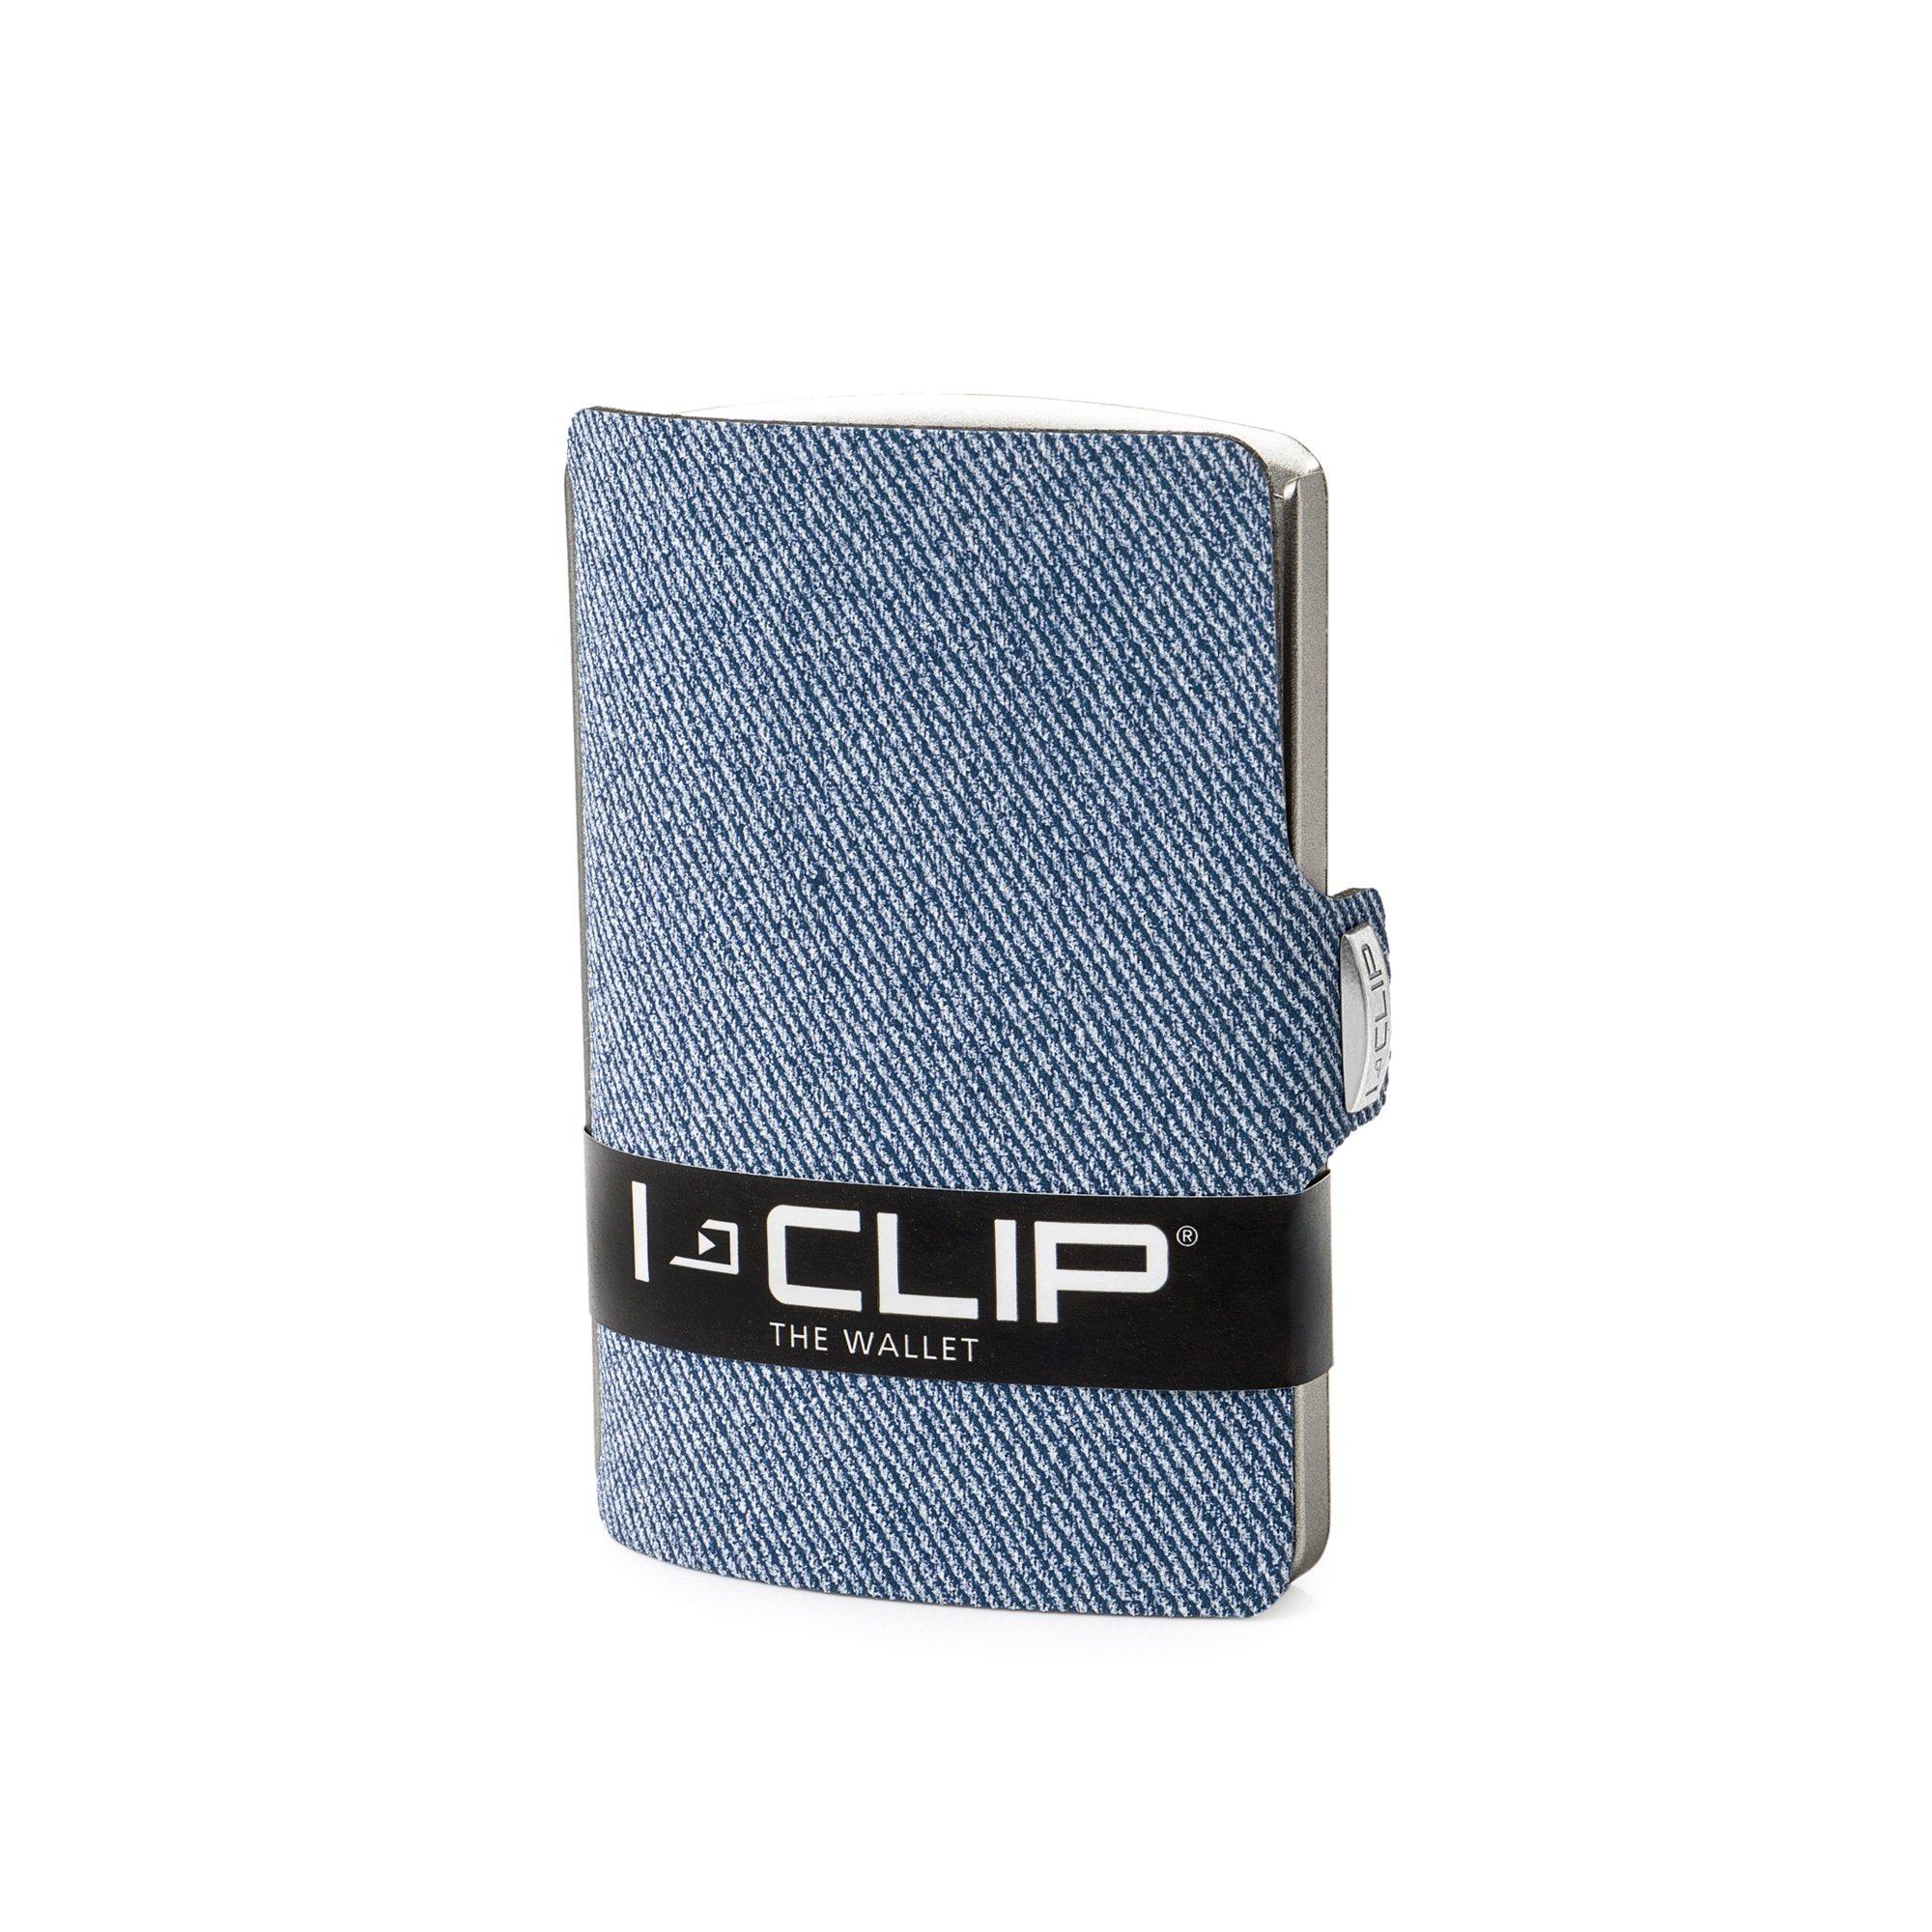 I-CLIP Aspecto Jeans Cartera Delgada Tarjetero Pequeño para Tarjetas de Crédito y Billetes (